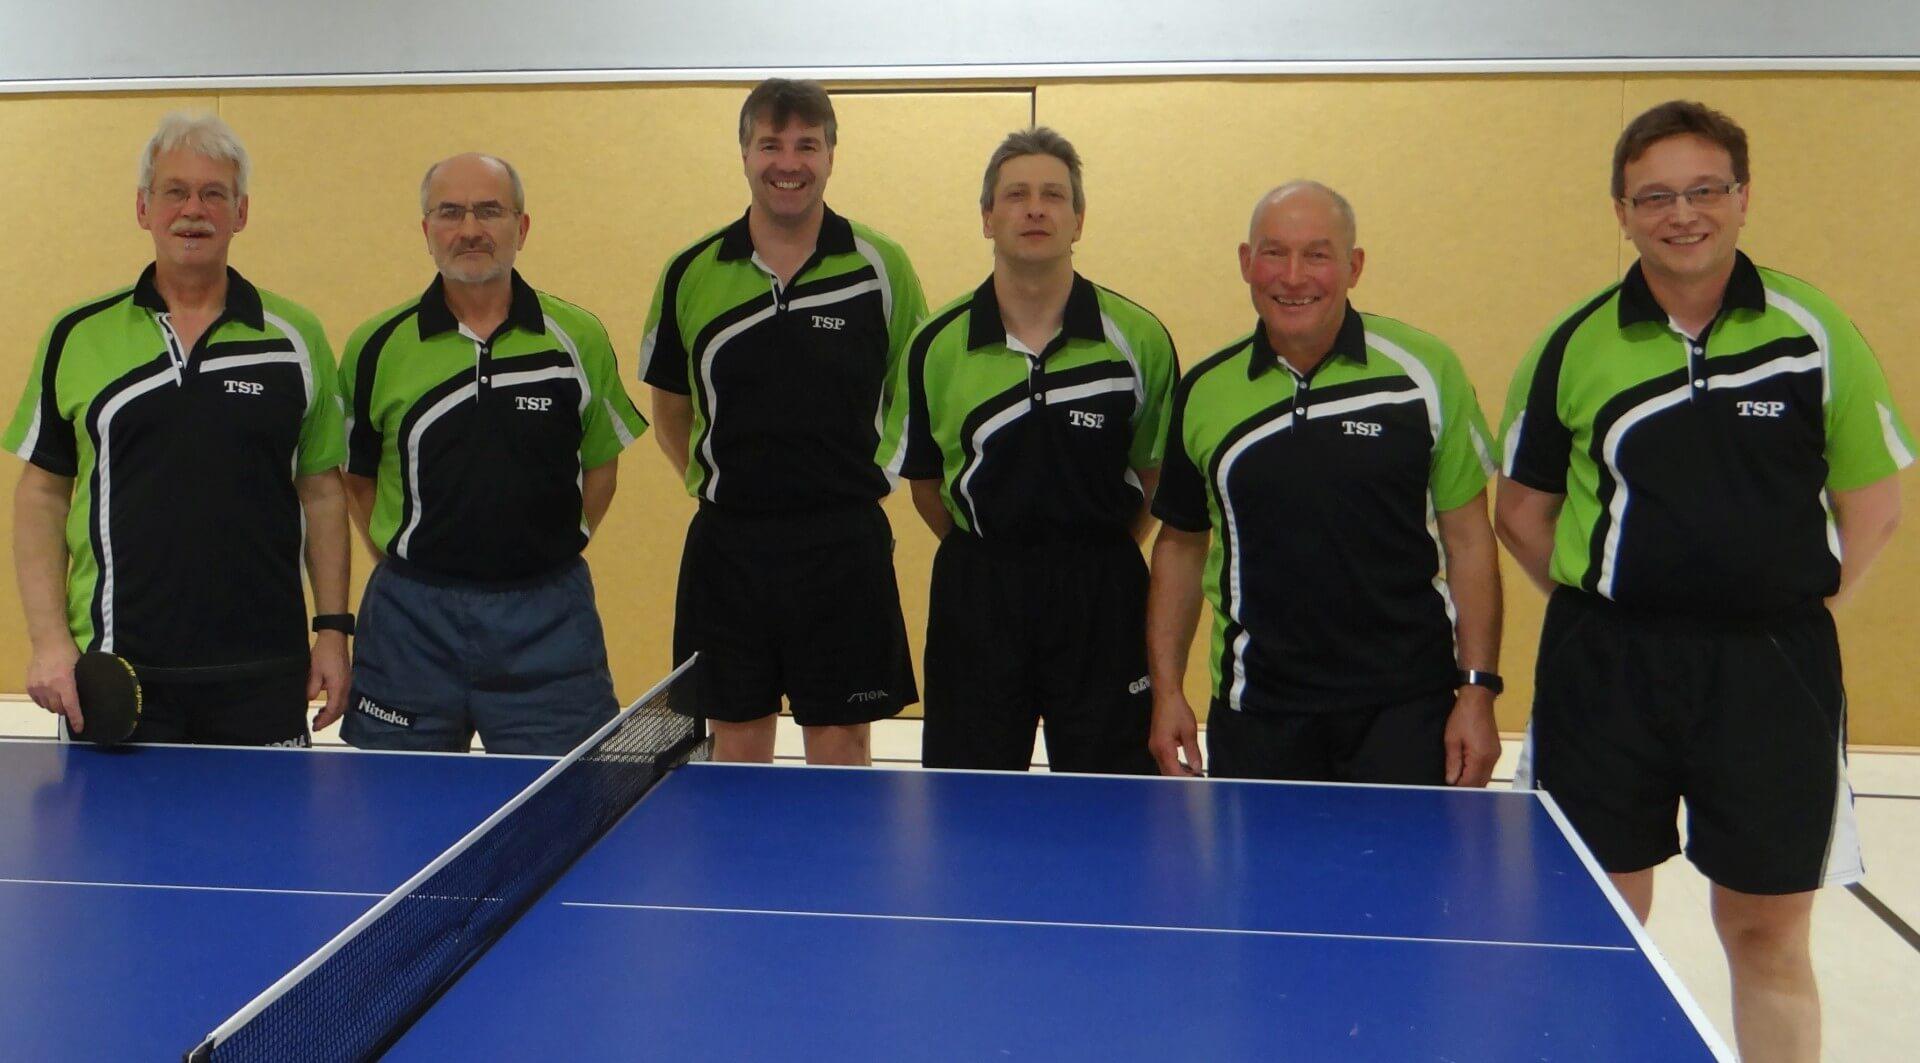 Die Meistermannschaft des TuS Soltendieck II von links nach rechts : Eckhard Köhnecke, Konstantin Müller, Rüdiger Lilje, Rainer Krebel, Christian Fauteck und Olaf Müller